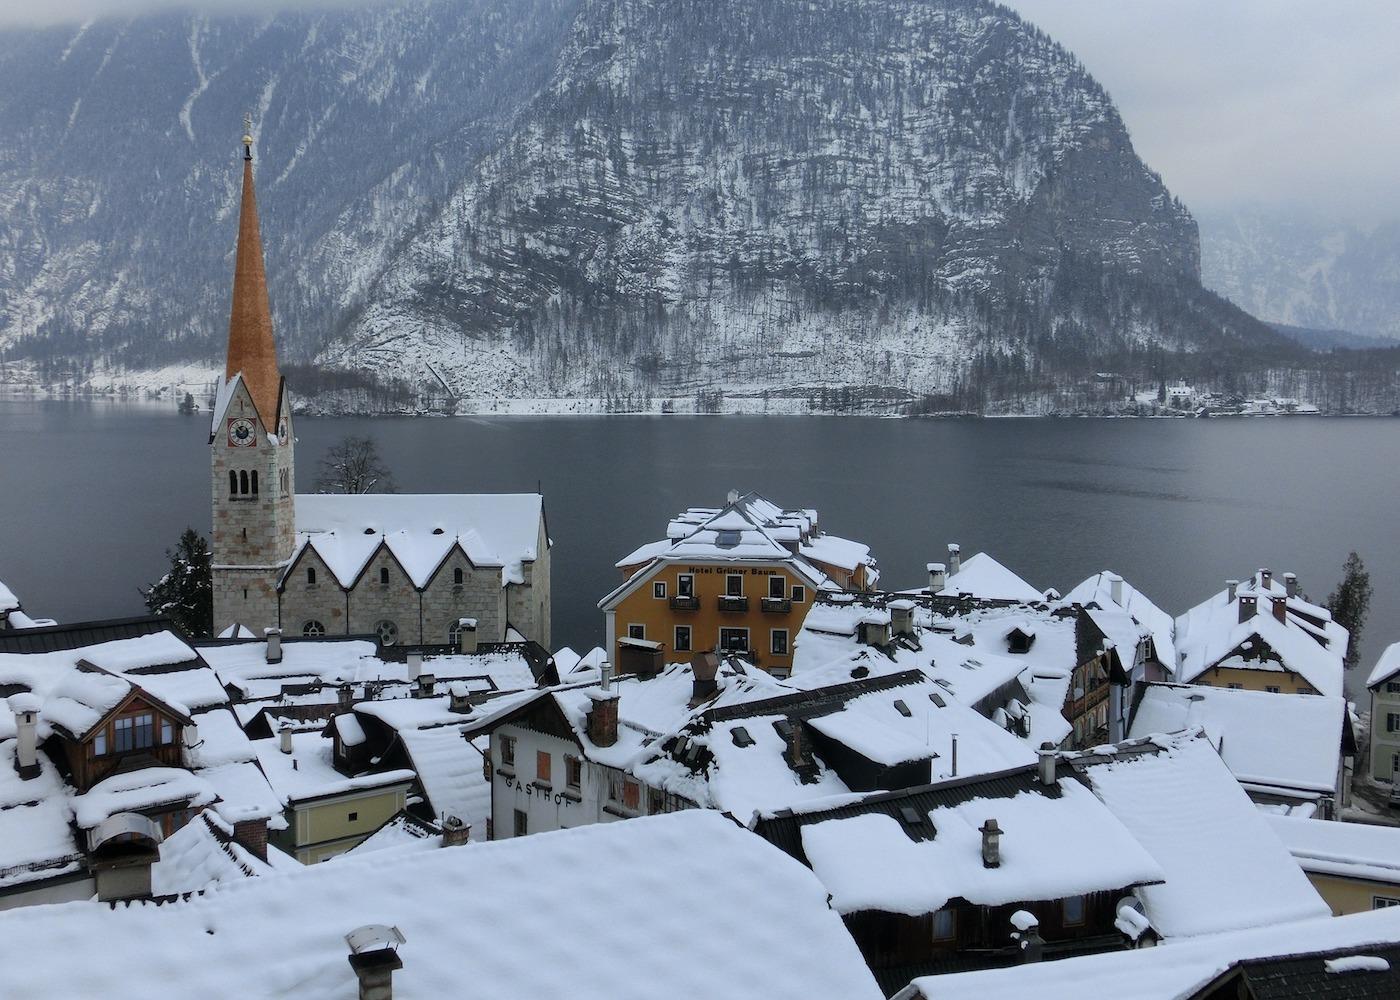 hallstatt-austria-pixabay.jpg